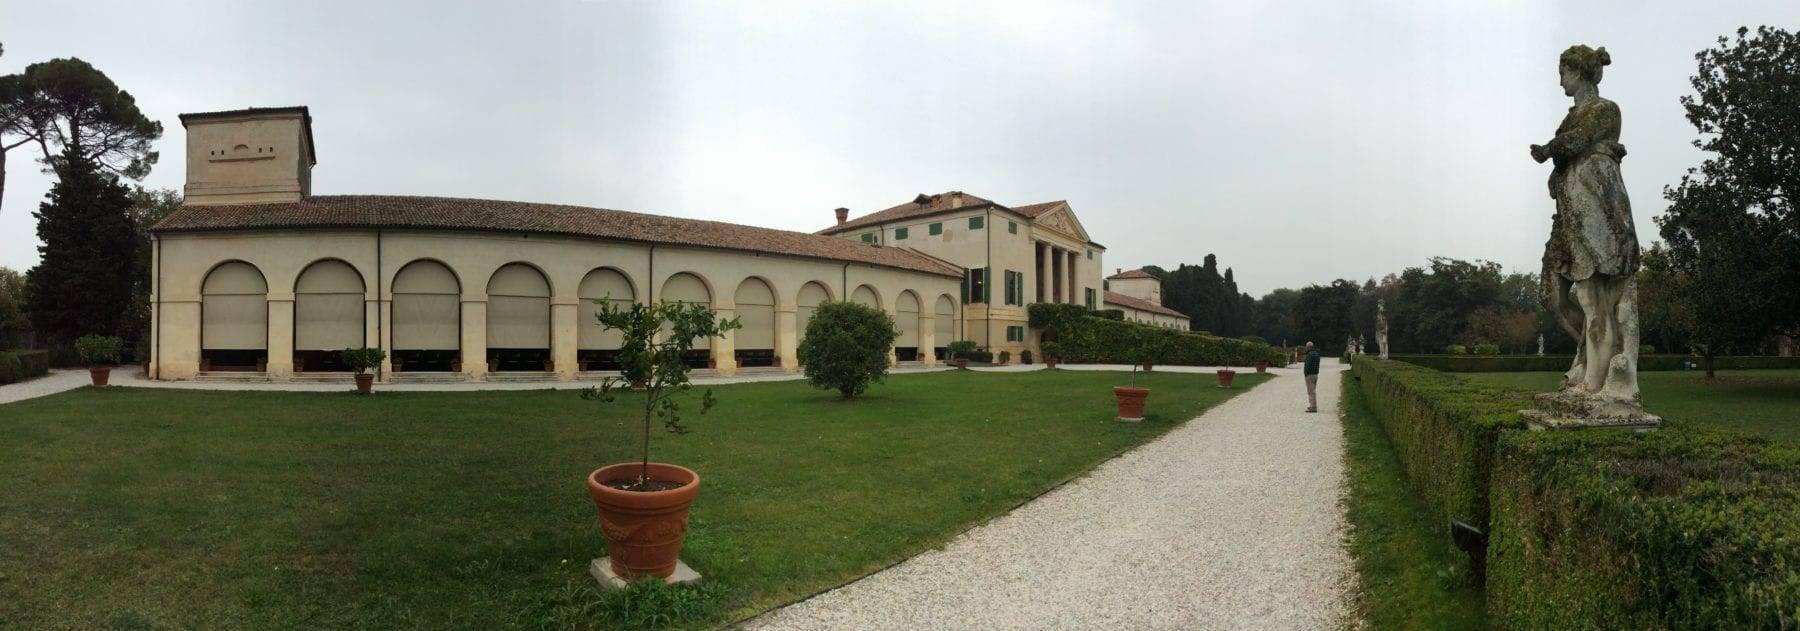 Villa Emo Palladio tour